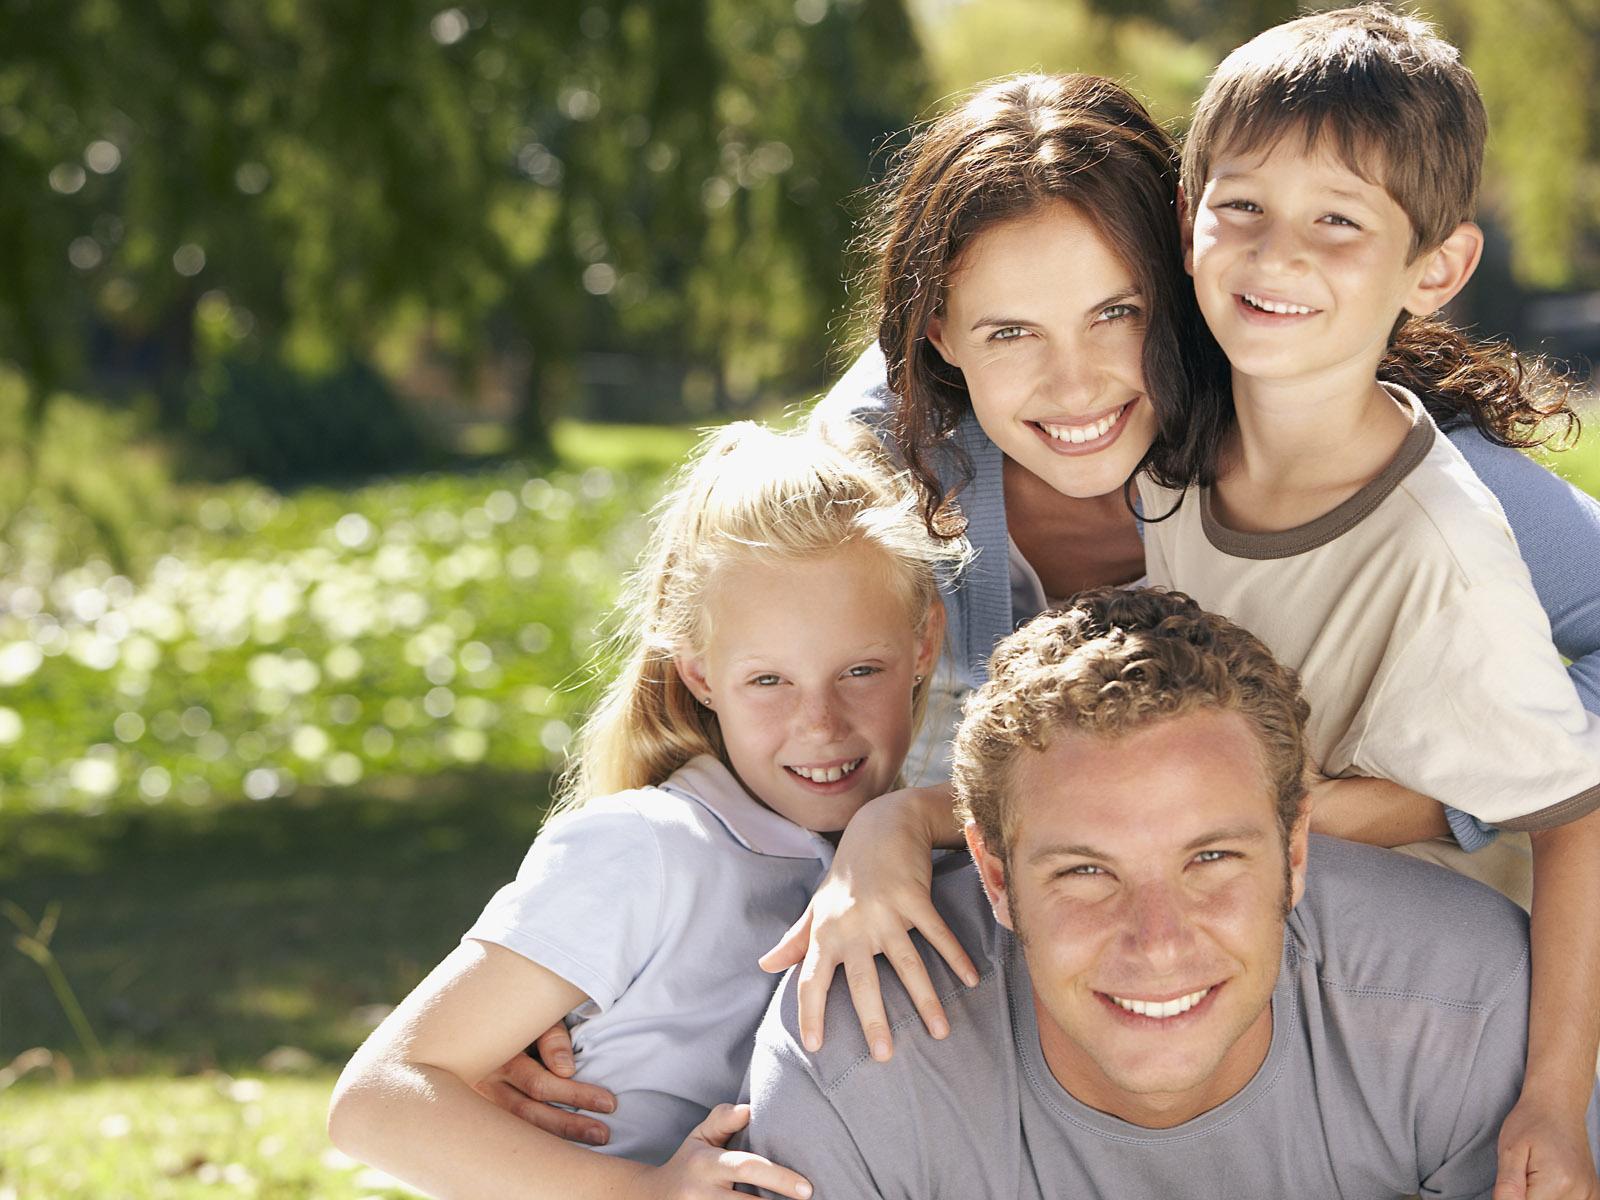 Cuide bem de seu maior bem, faça um seguro de vida!